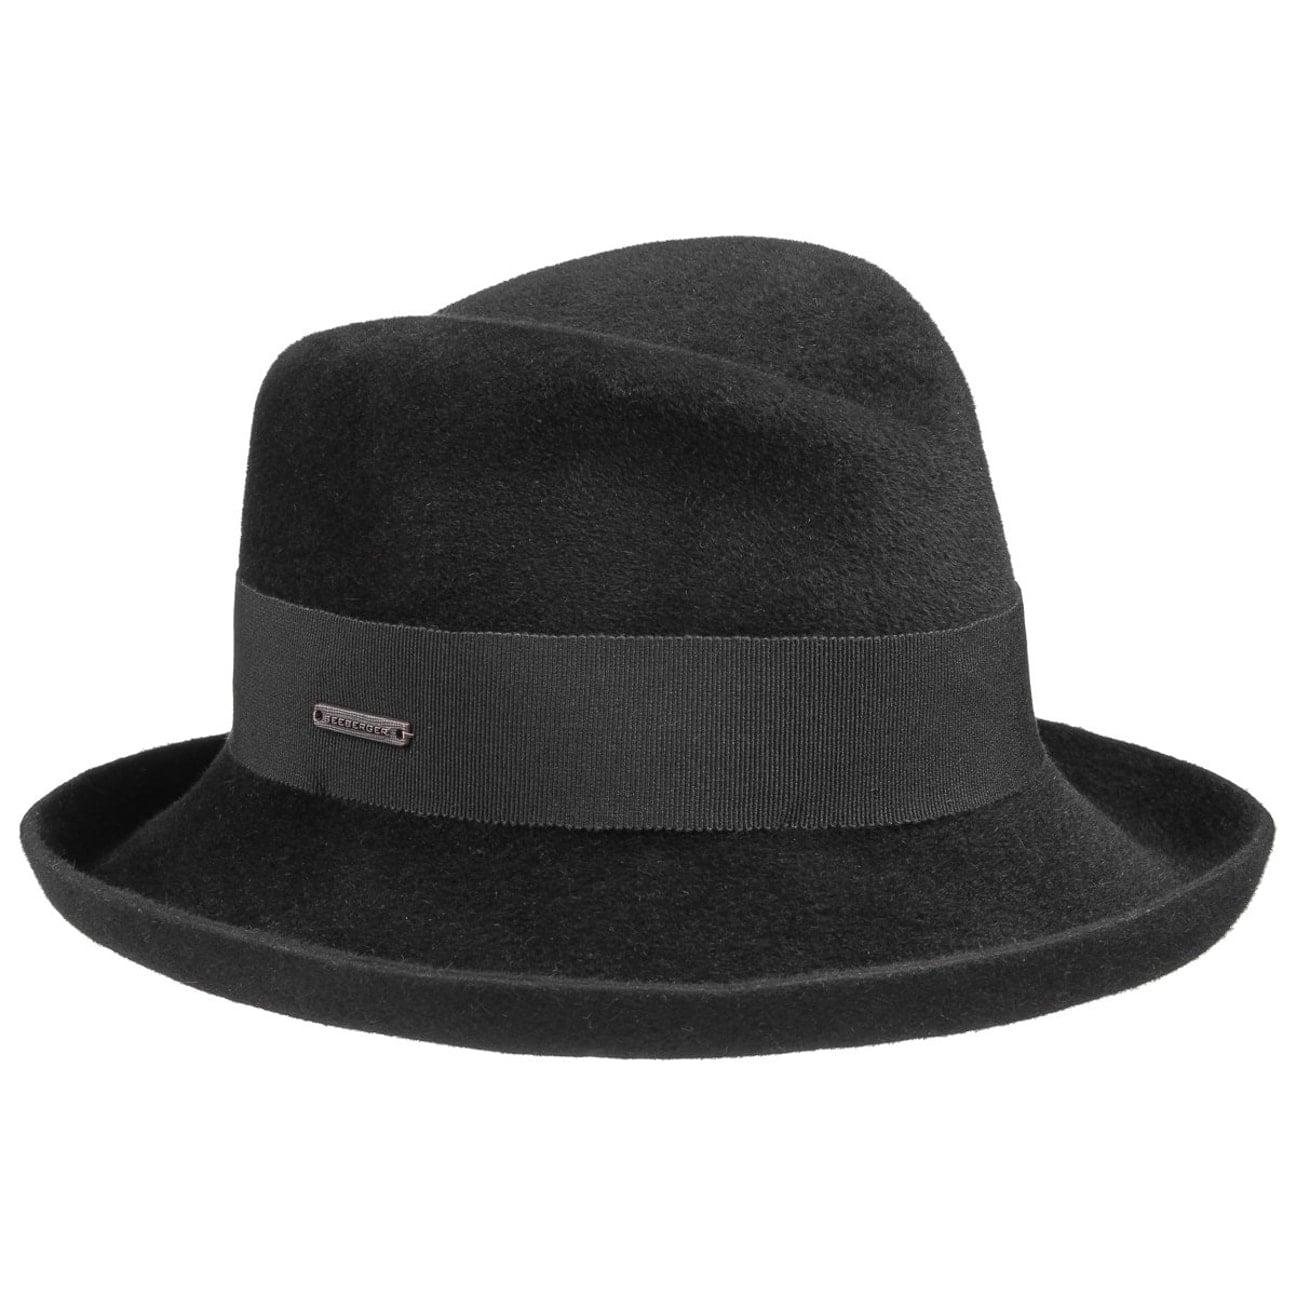 Chapeau Feutre Poil Velours by Seeberger Chapeaux noir One Size